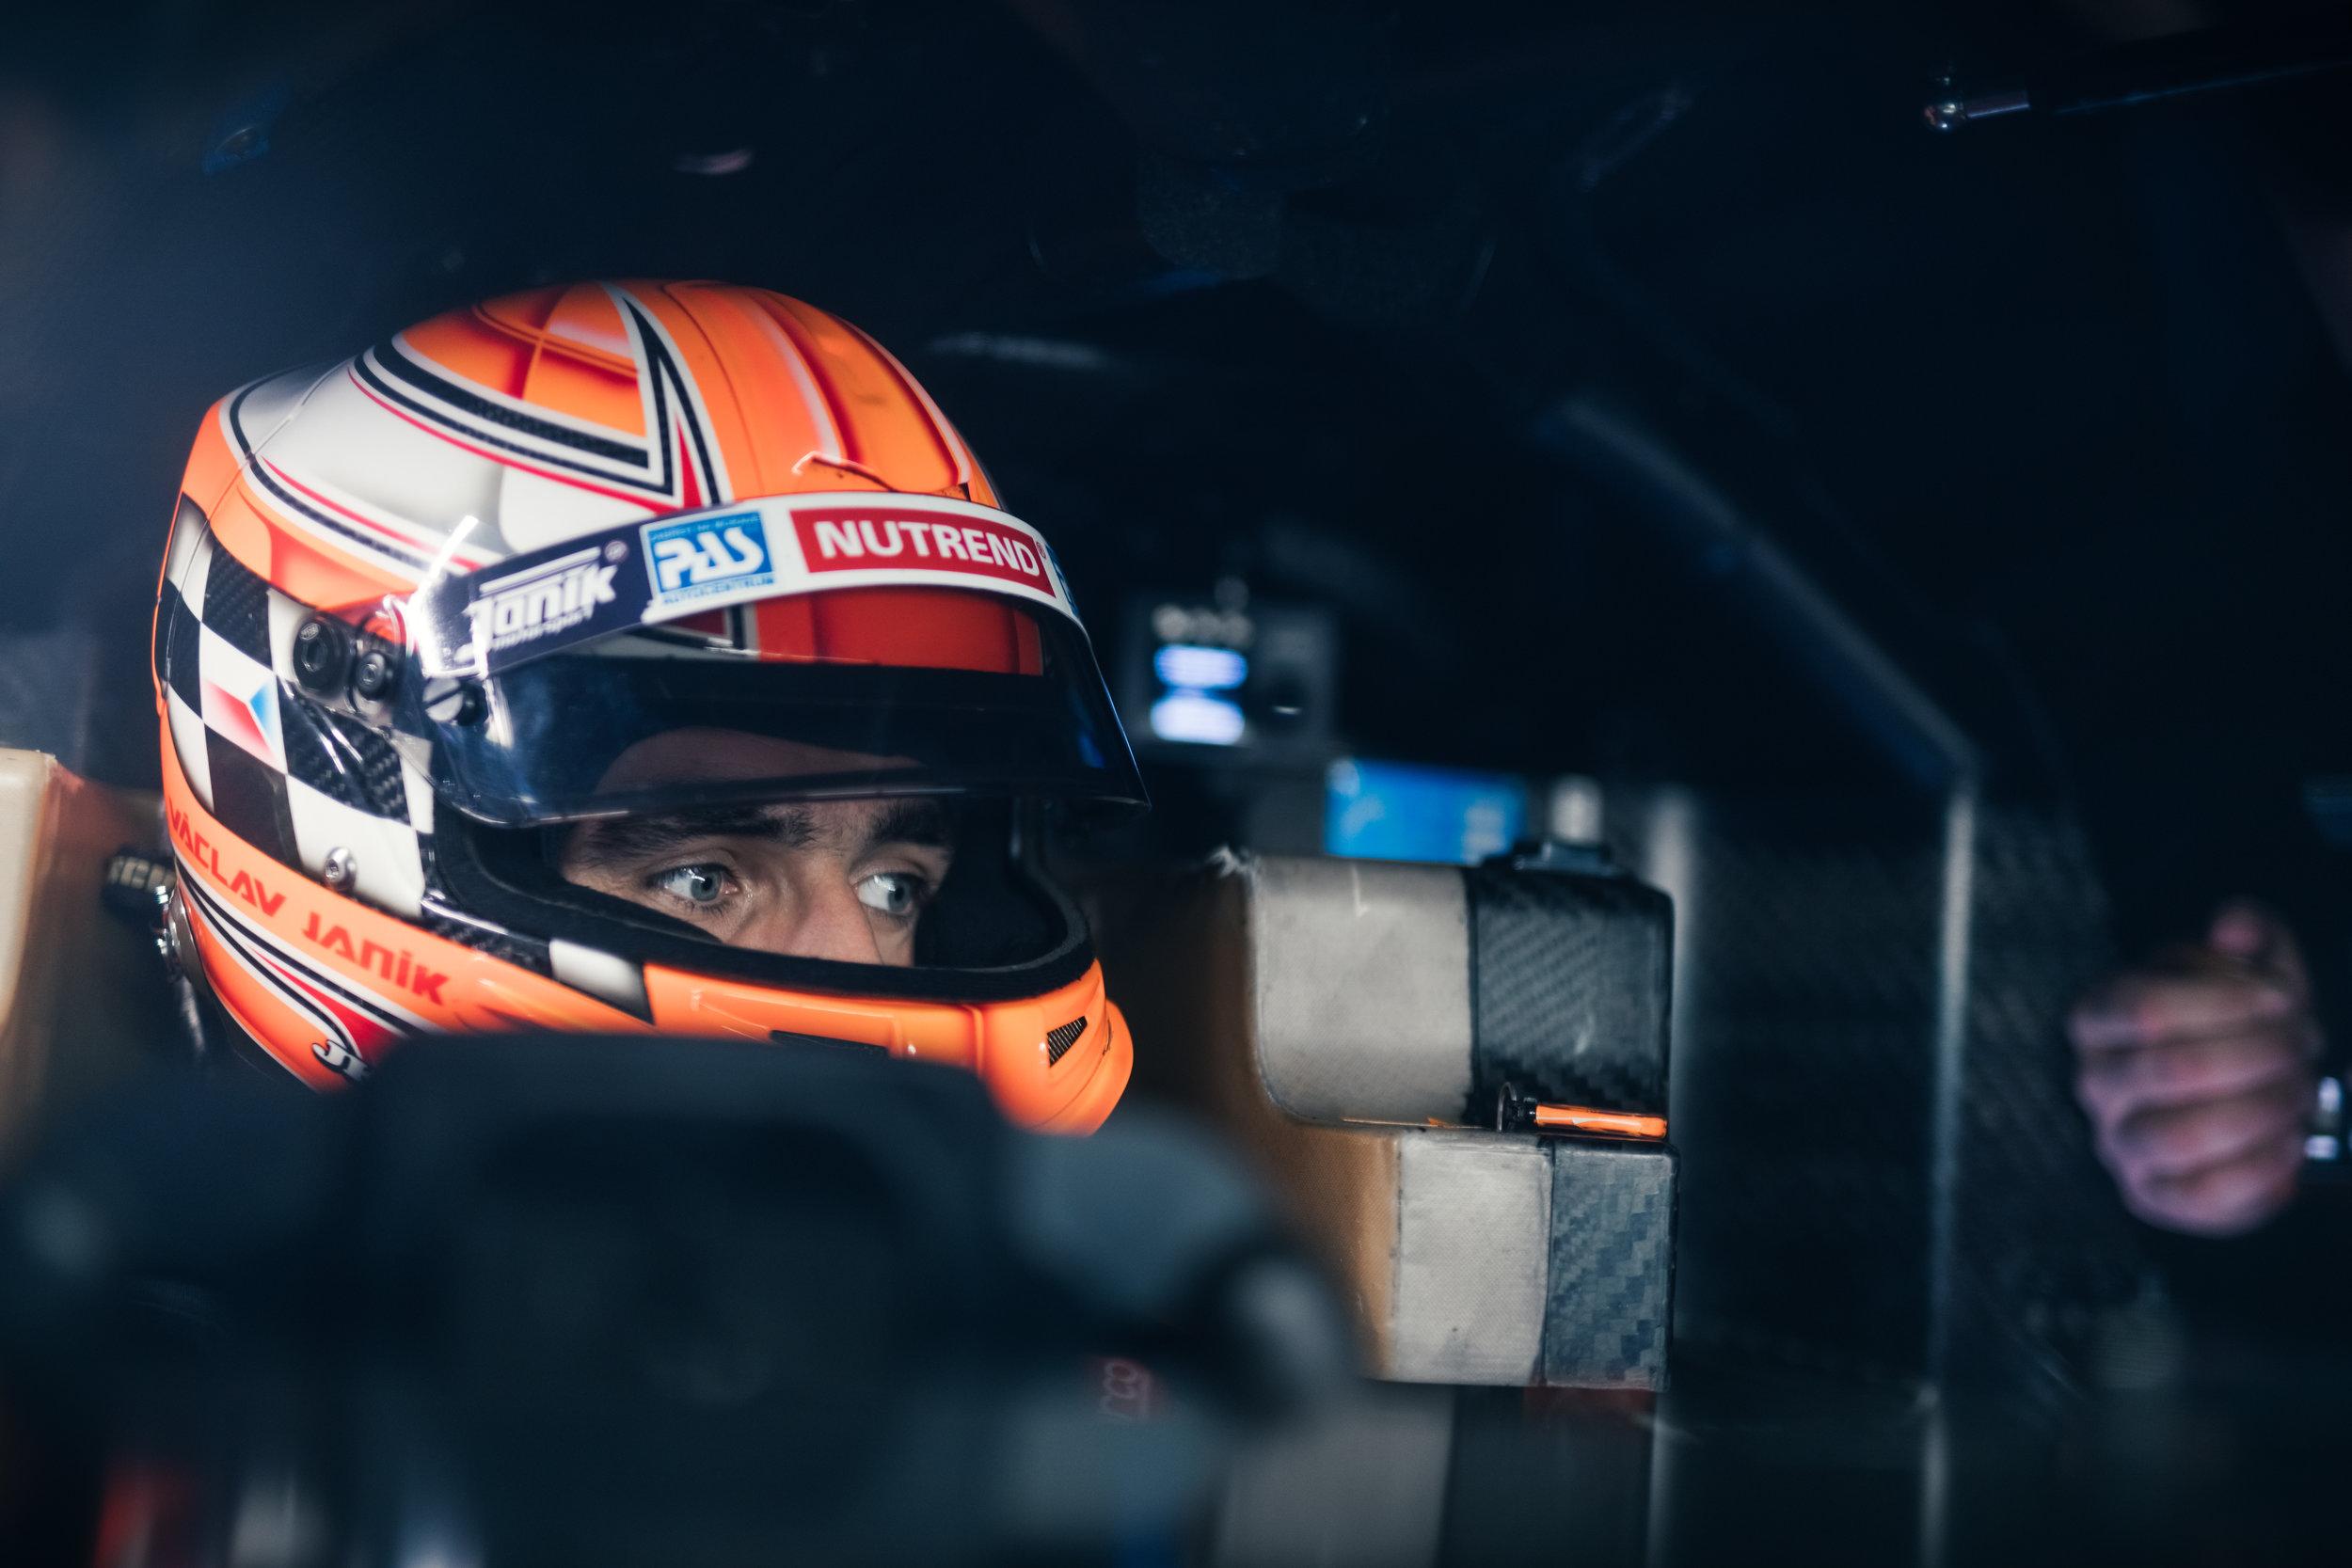 nutrend-racing-video.jpg